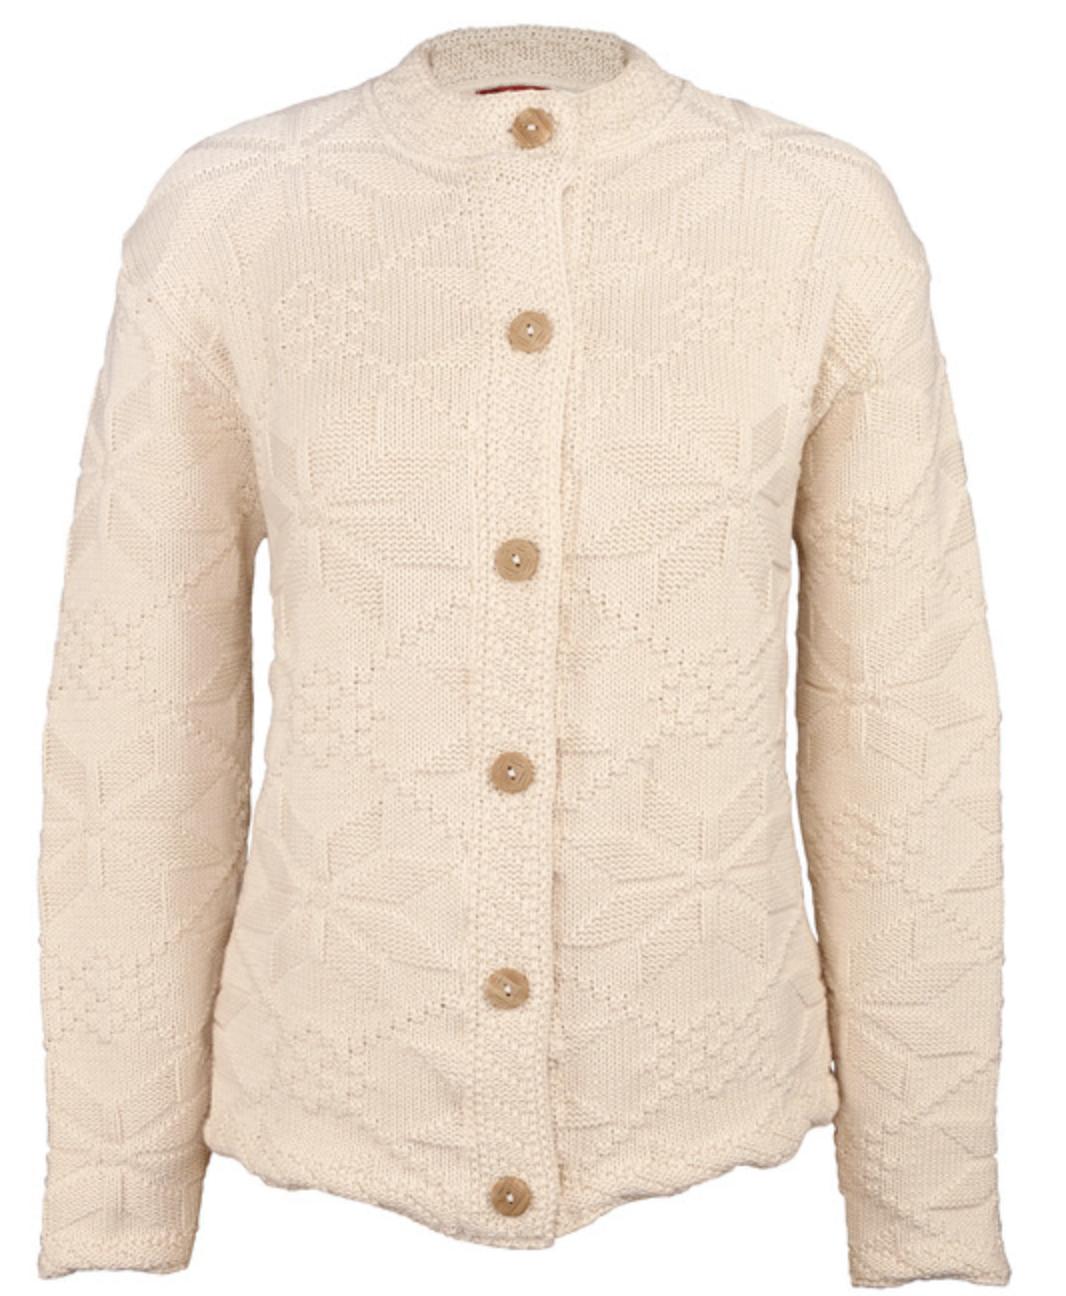 Aspen Ladies Cotton Cardigan